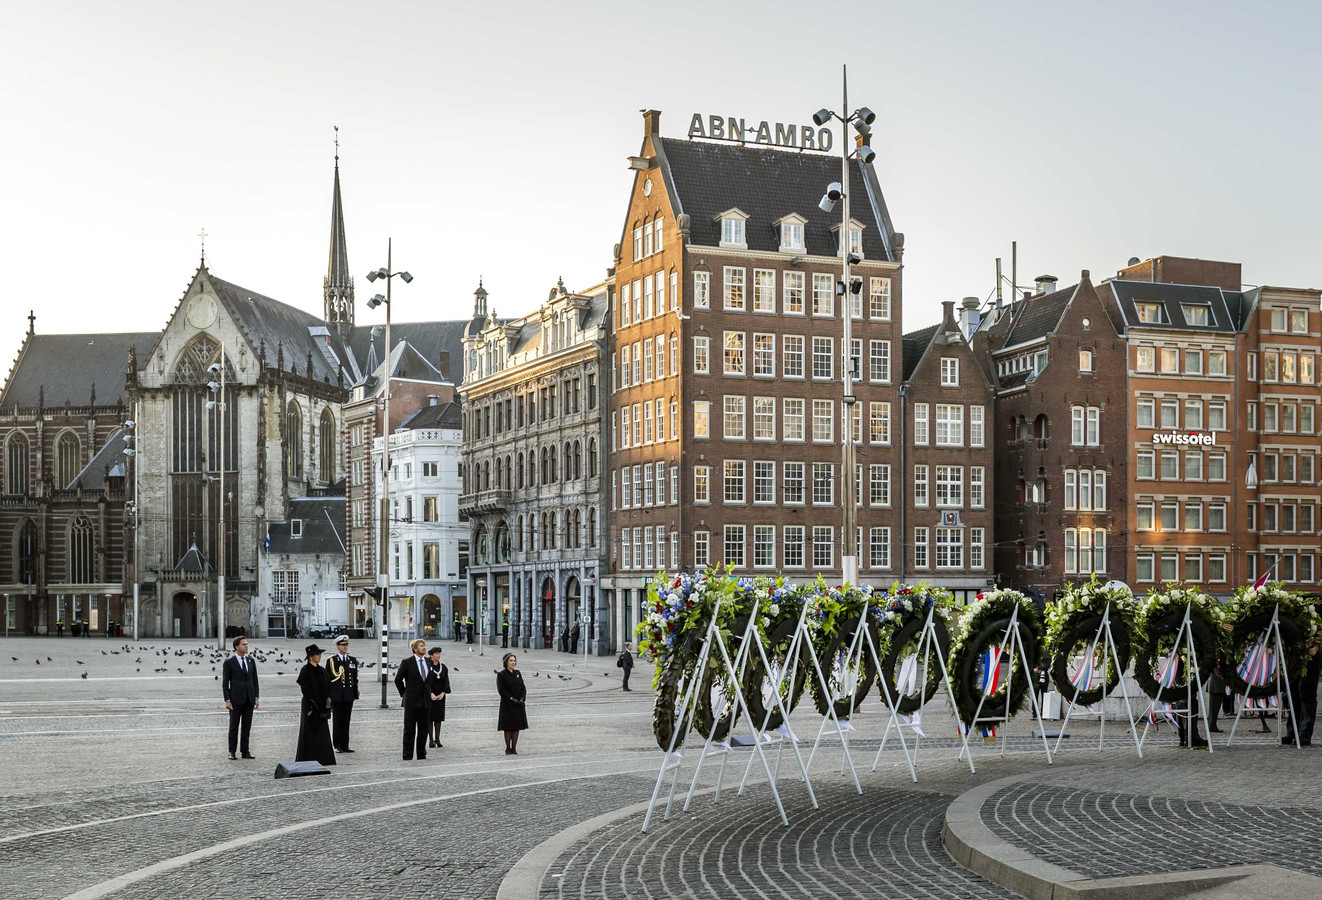 Op de Dam in Amsterdam werd dit jaar bij de Nationale Dodenherdenking voor het eerst ook een krans gelegd speciaal voor de slachtoffers van het bombardement op Nijmegen op 22 februari 1944. Tot verrassing van velen in Nijmegen.